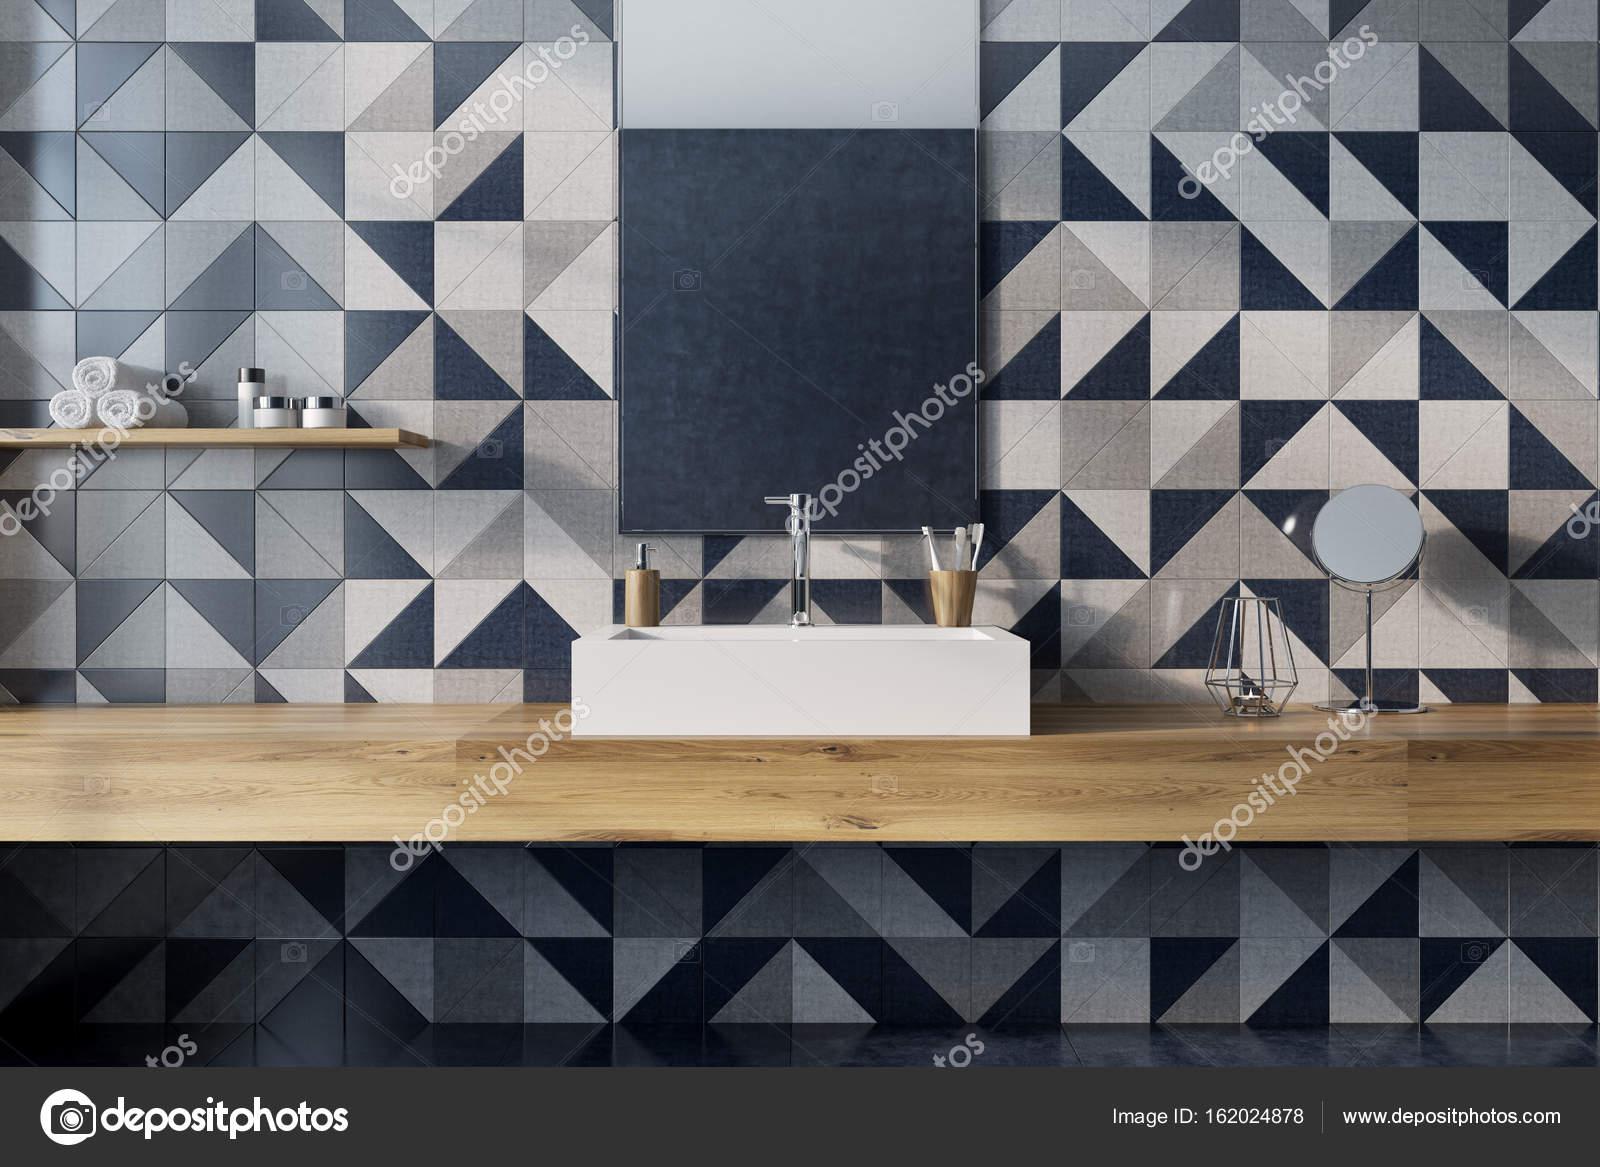 Lusso bagno interni mosaico muro legno u foto stock